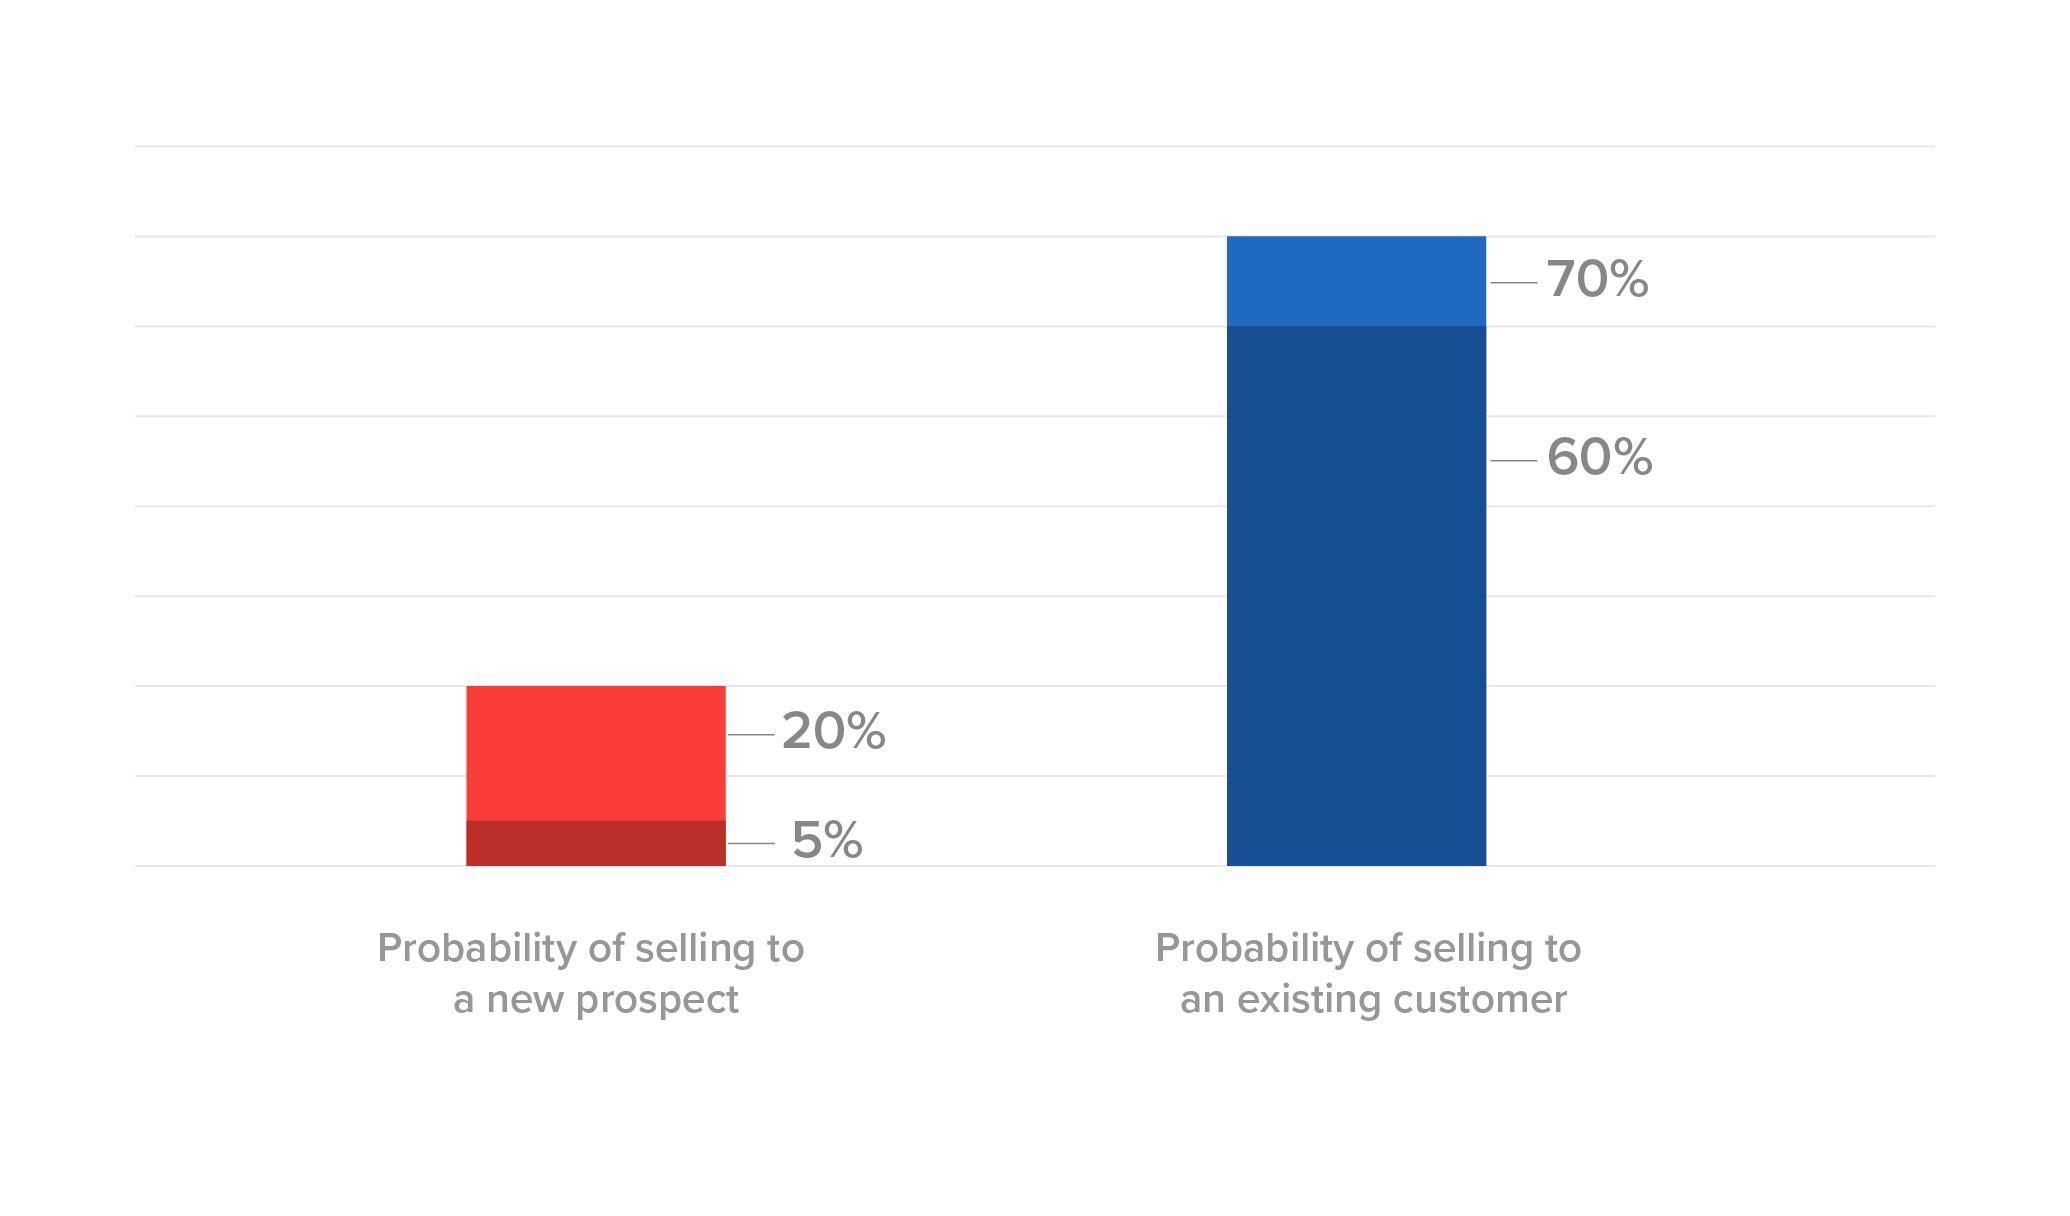 既存顧客と新規顧客へのセールスコスト比較